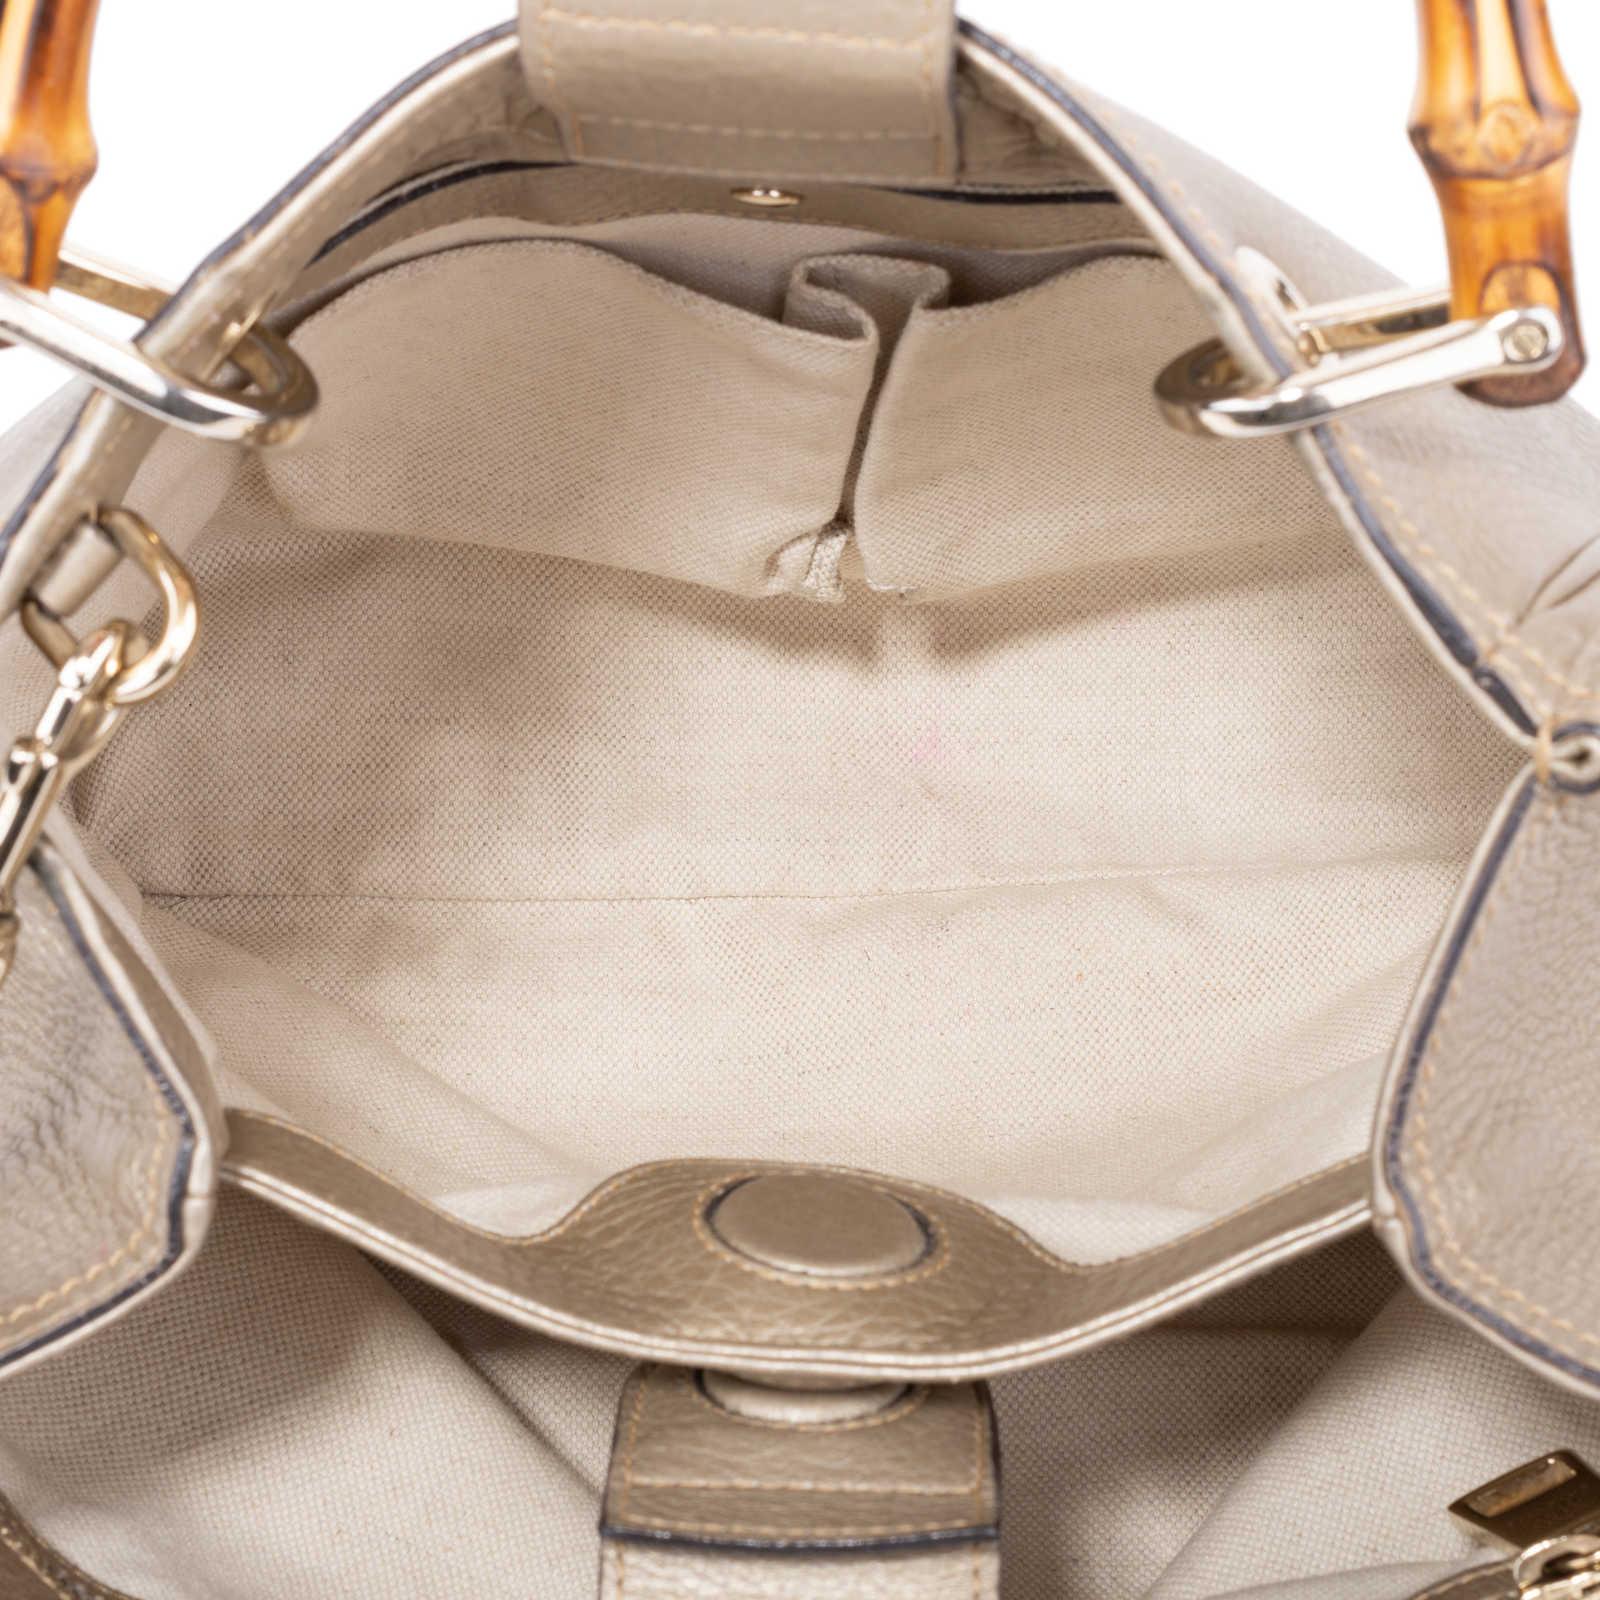 3f7e53952de6 ... Authentic Second Hand Gucci Small Bamboo Shopper Bag (PSS-591-00011) ...